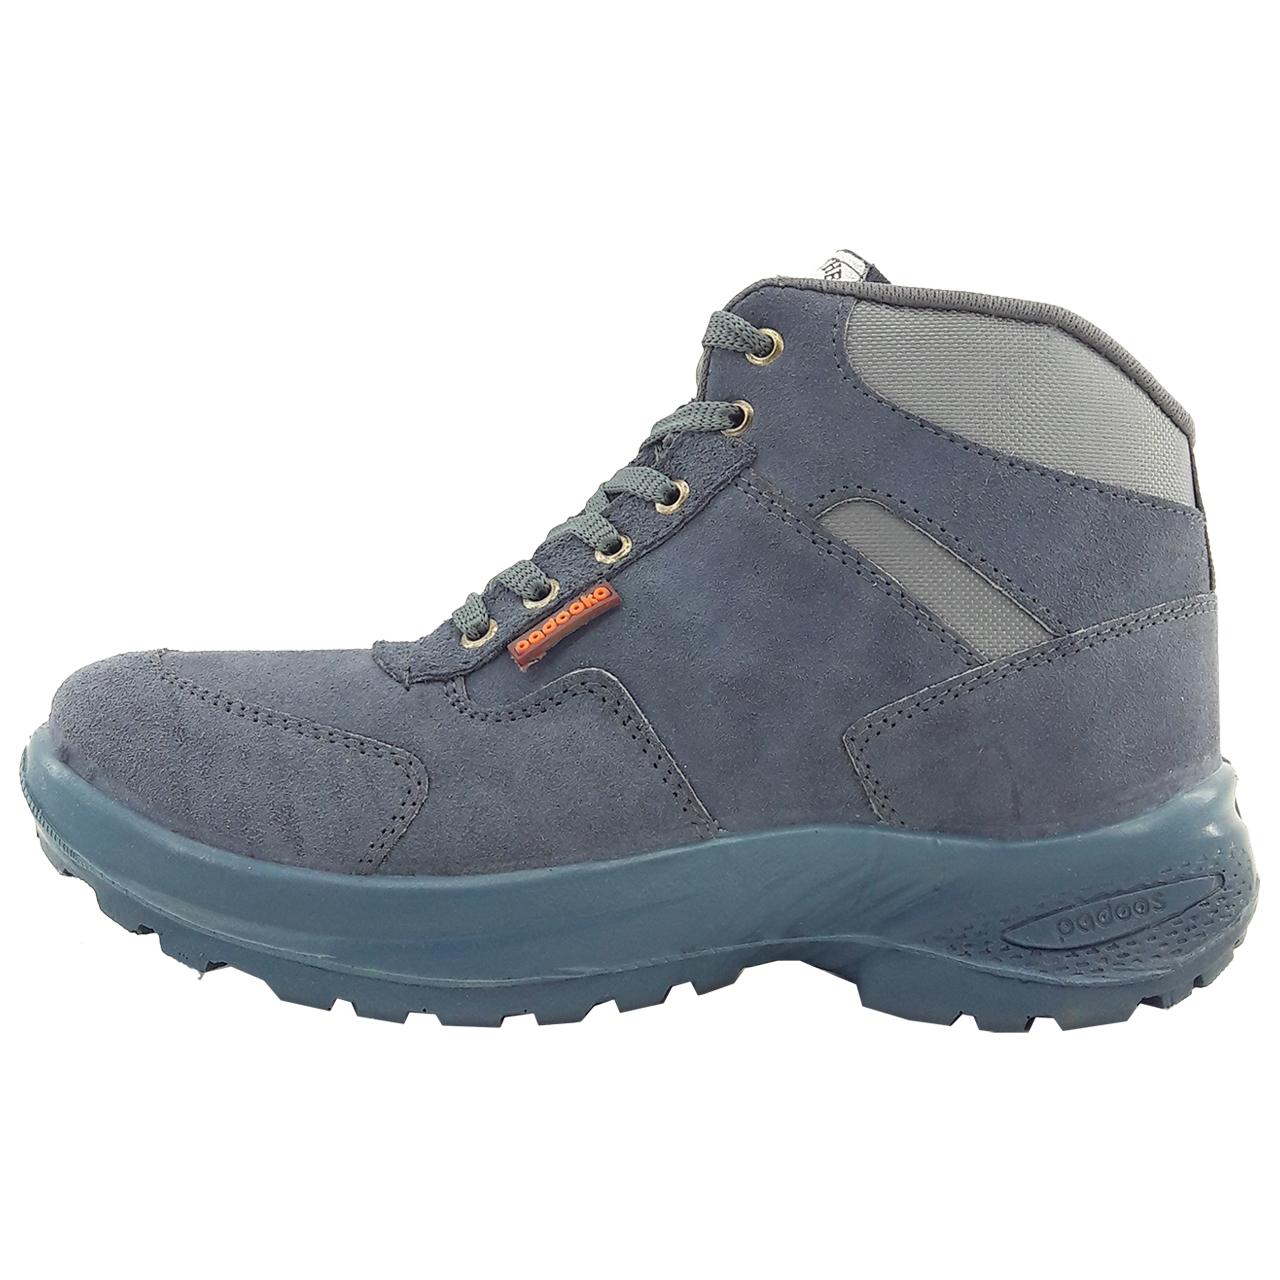 کفش کوهنوردی مردانه پادوکا مدل Nvy001